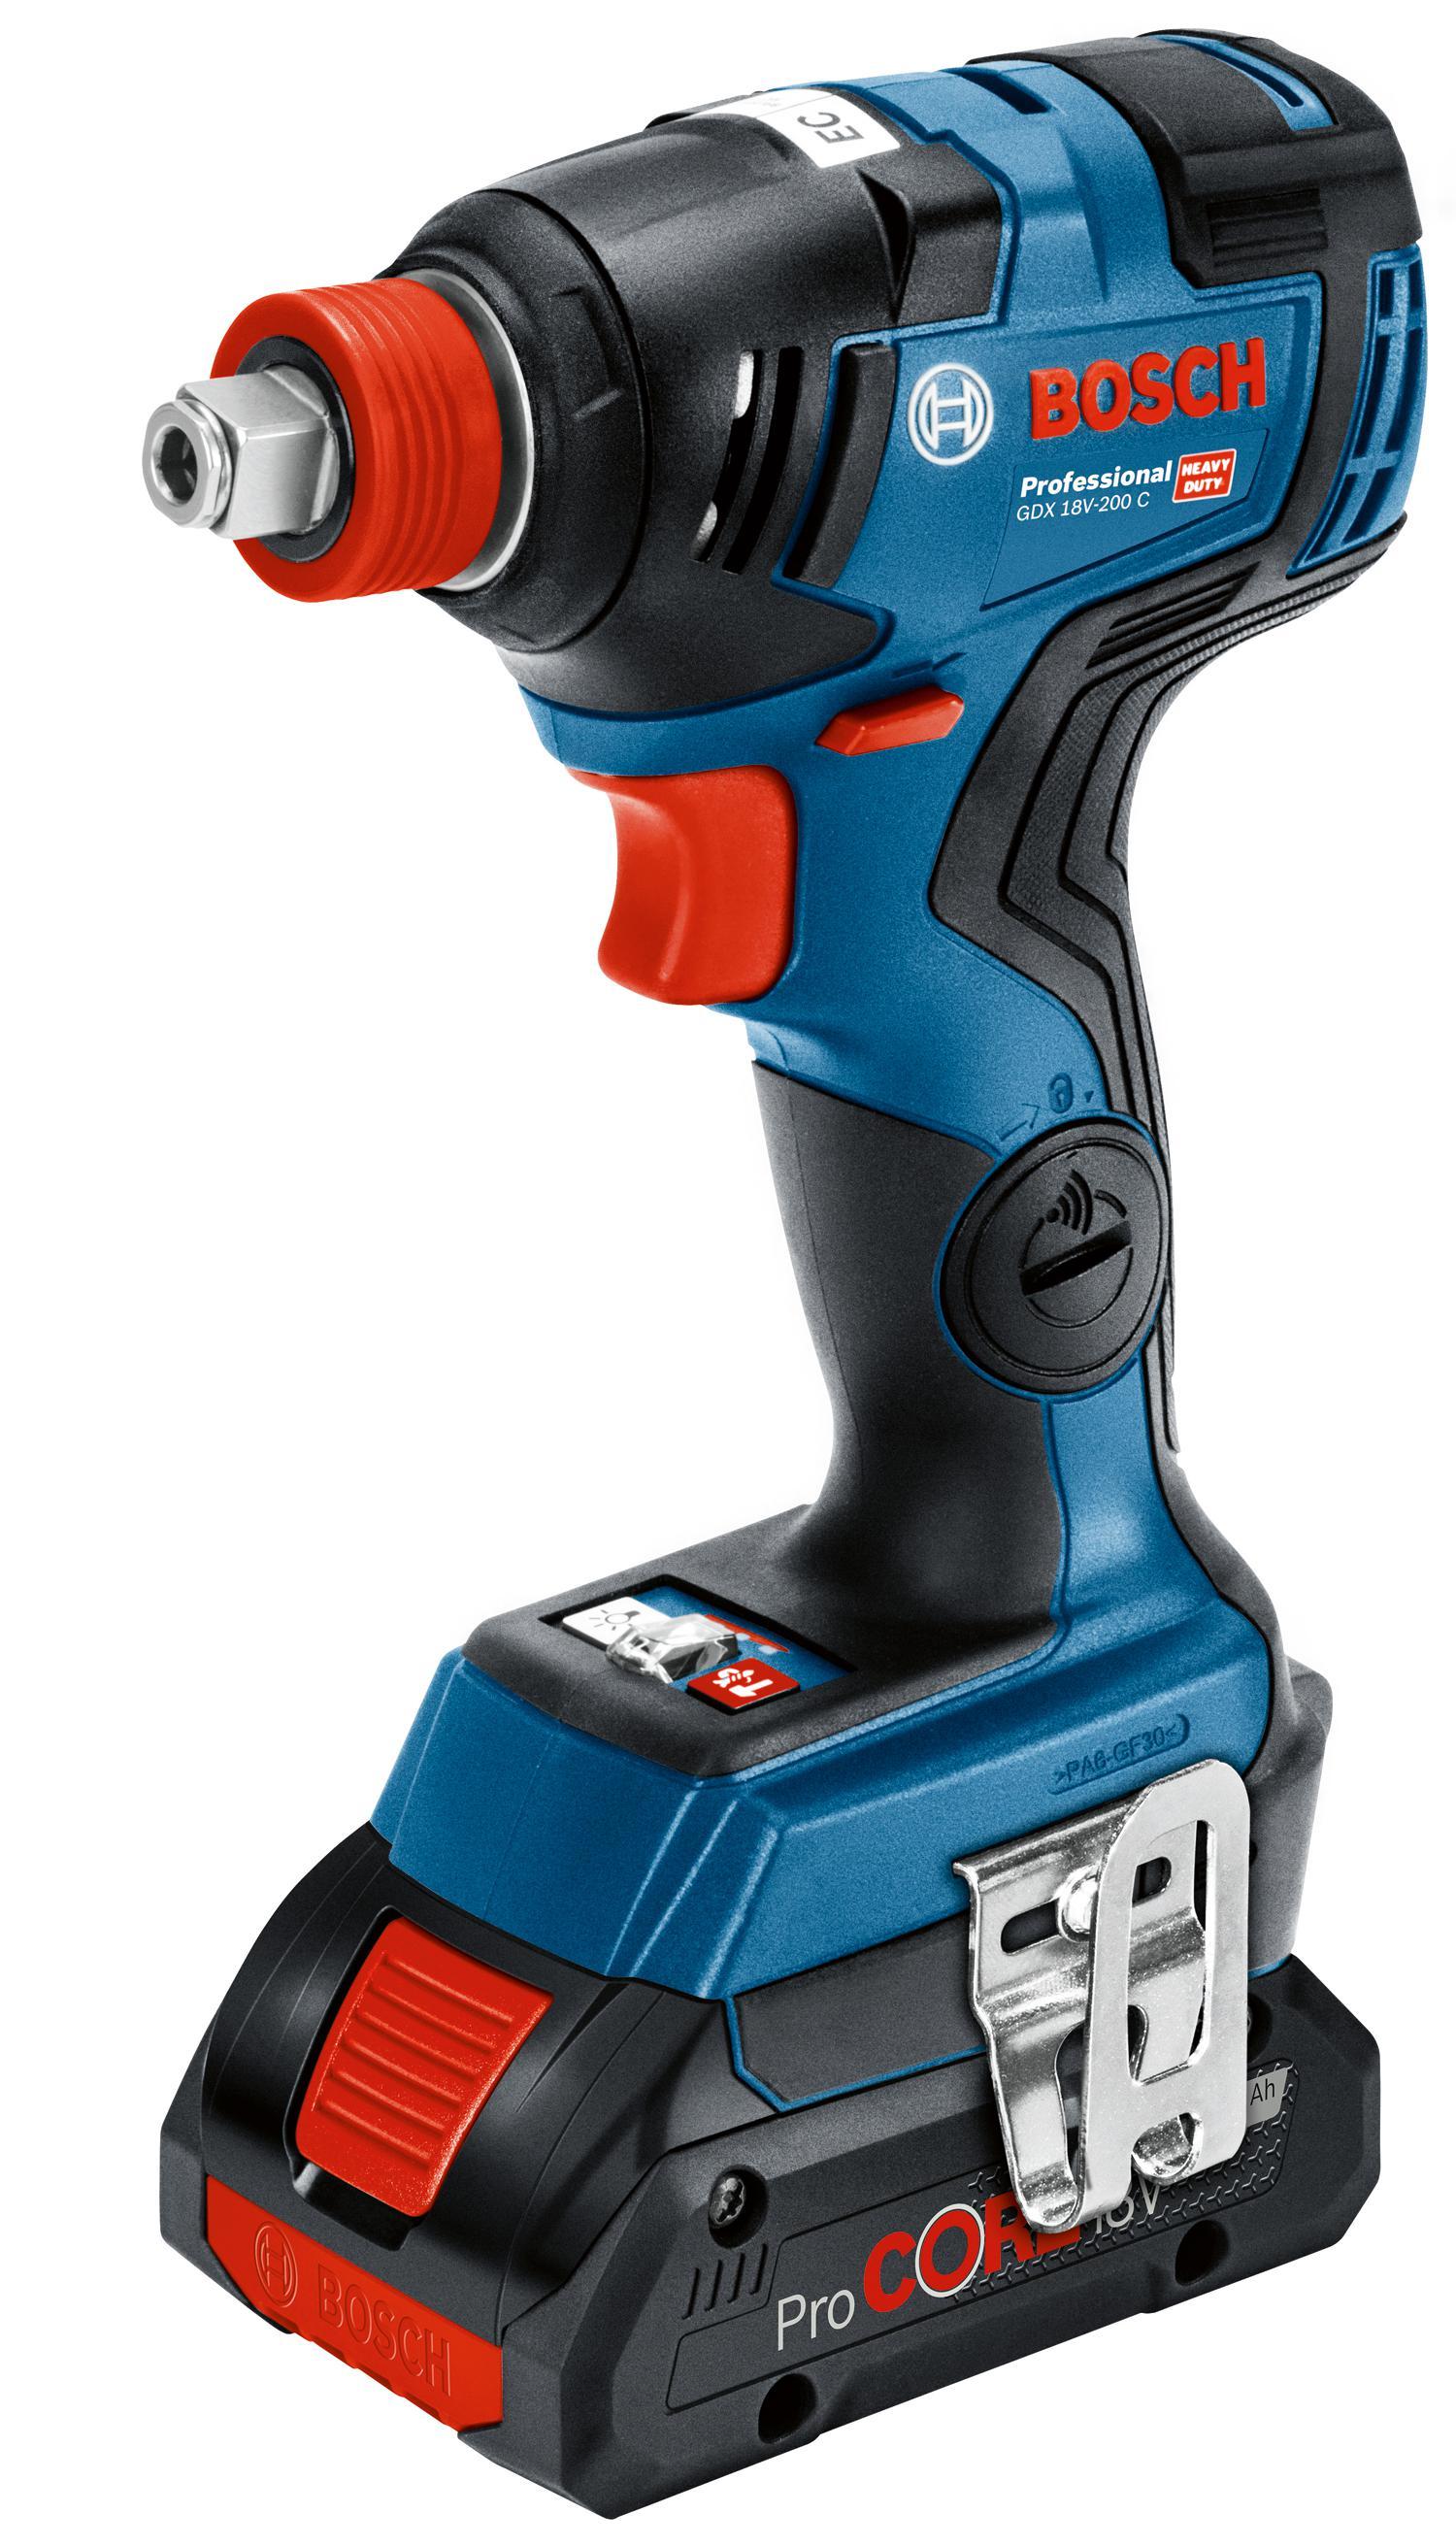 Гайковерт аккумуляторный Bosch Gdx 18v-200 c (0615990m46)